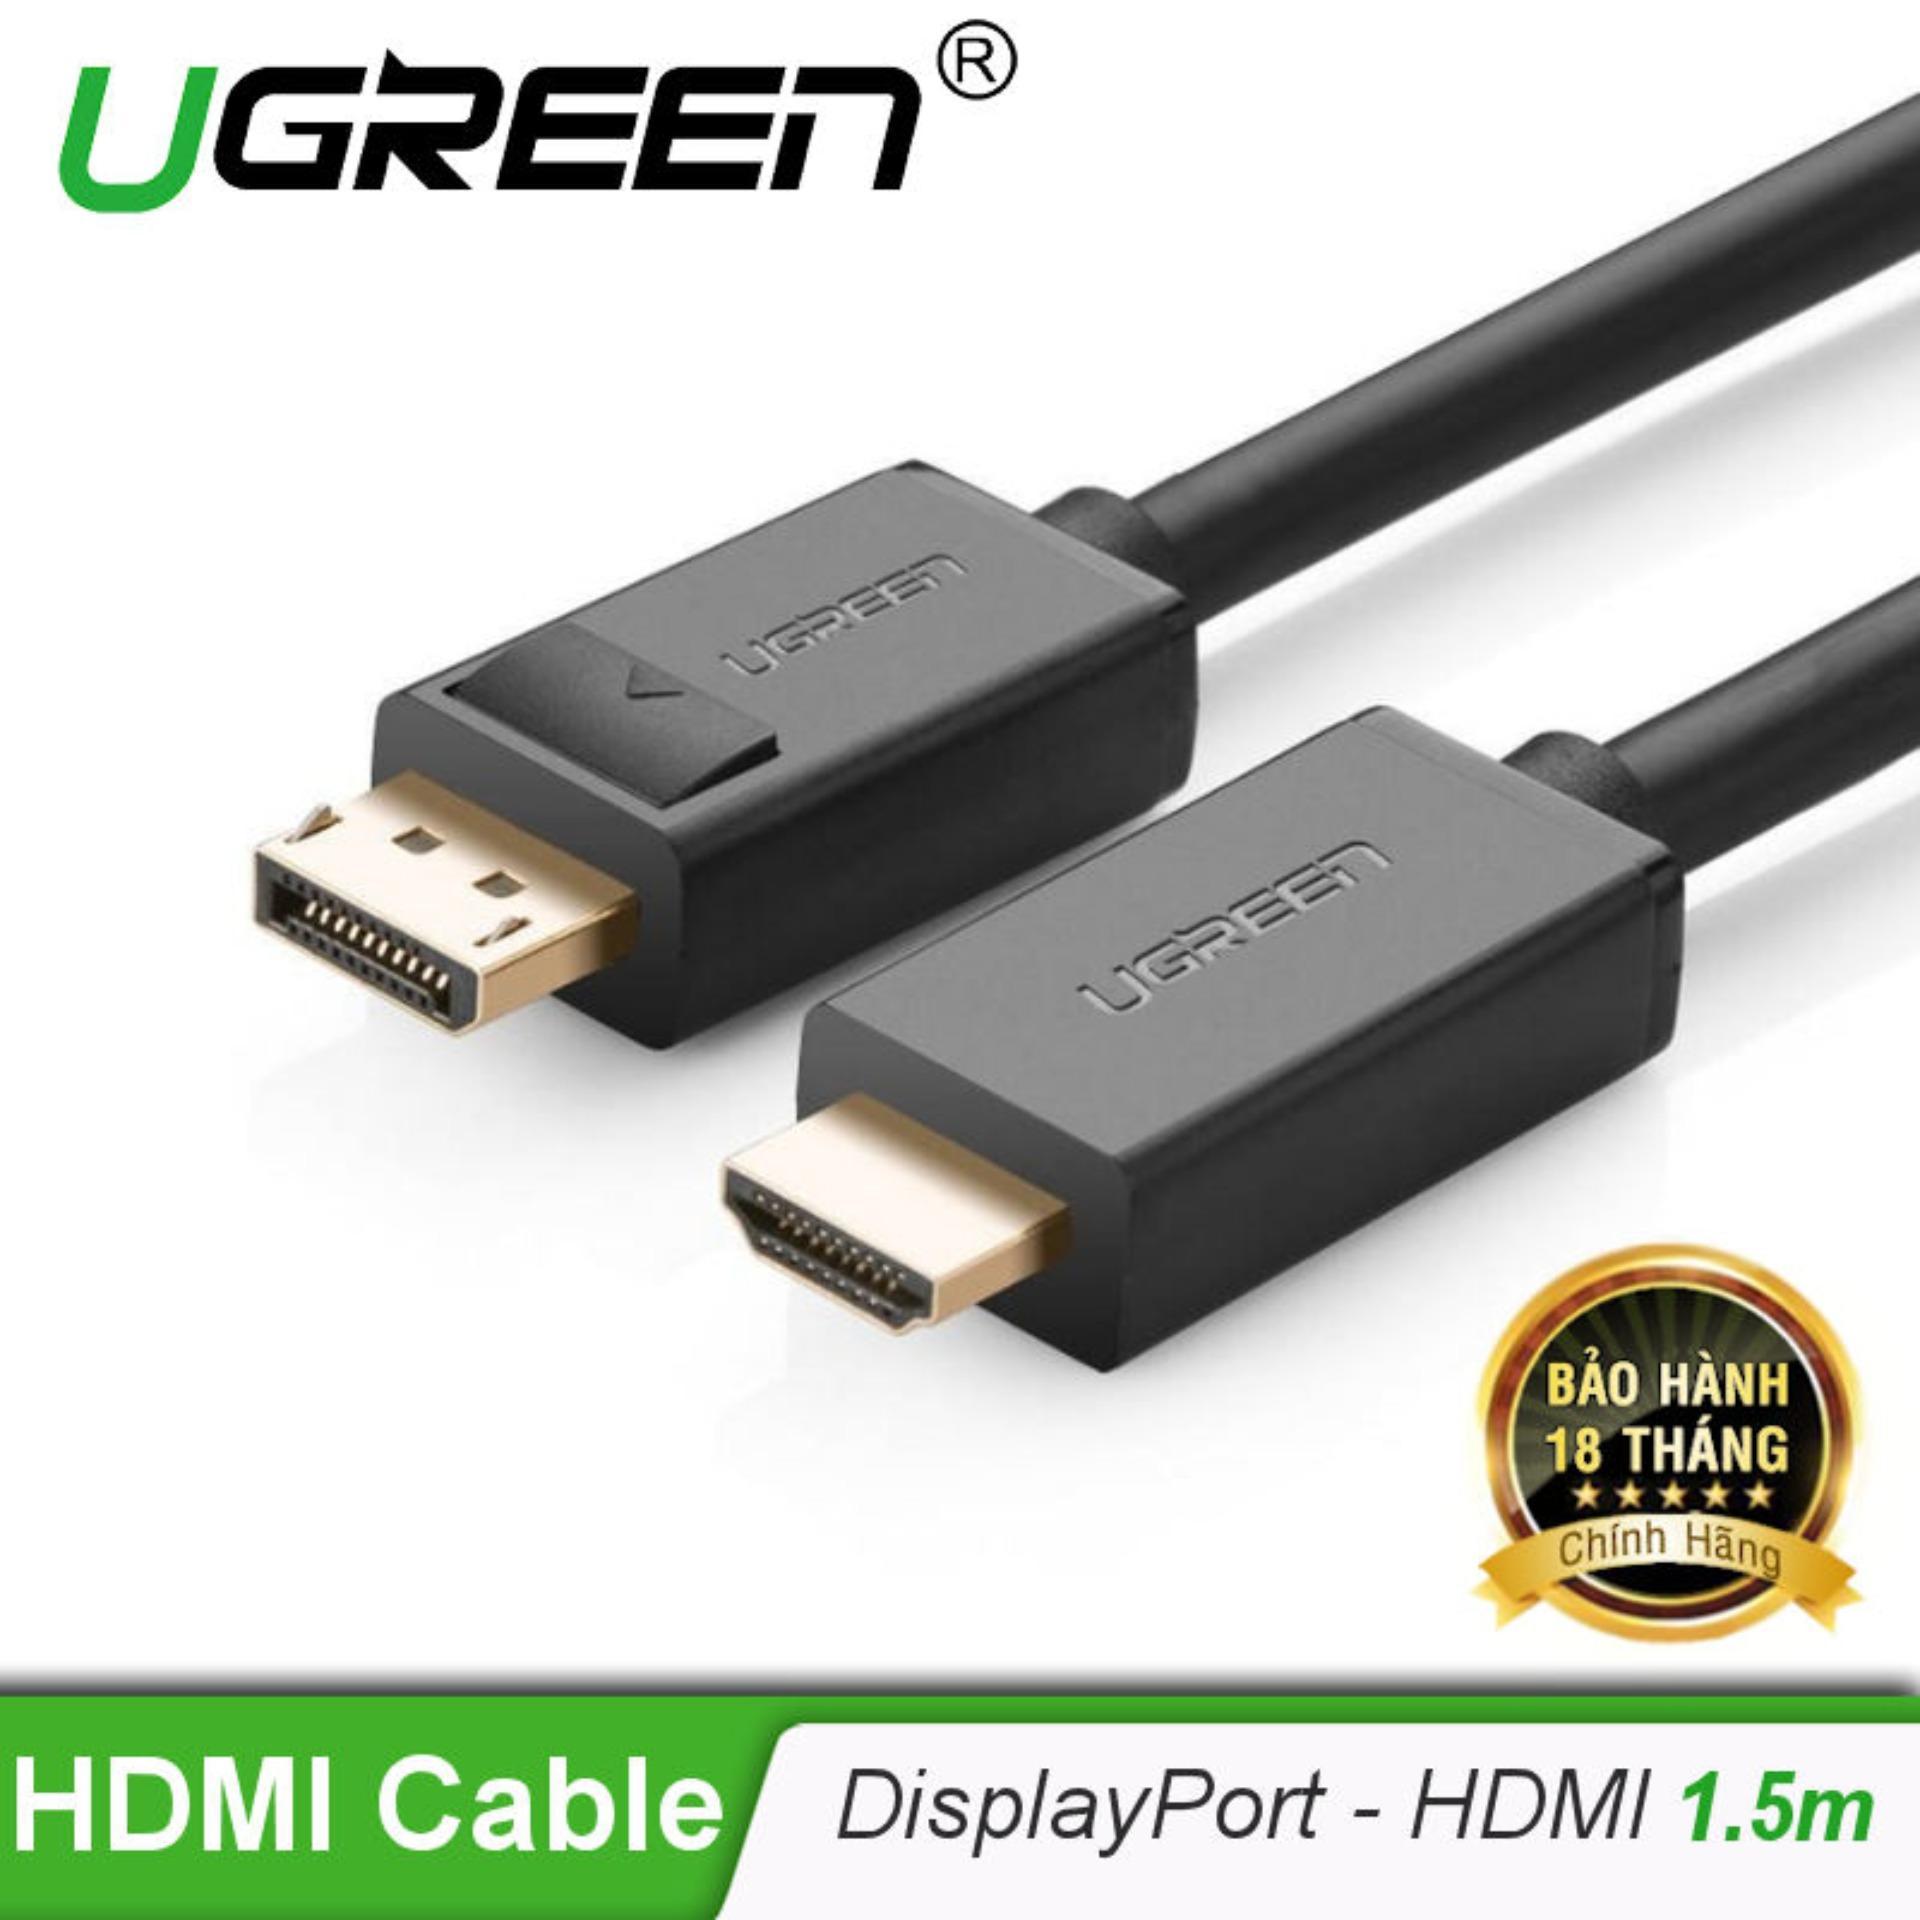 [mới] Cáp Chuyển đổi Displayport Sang Hdmi 1080p Dài 1.5m Dp101 10239 (màu đen). By Best Store For Your Choice.